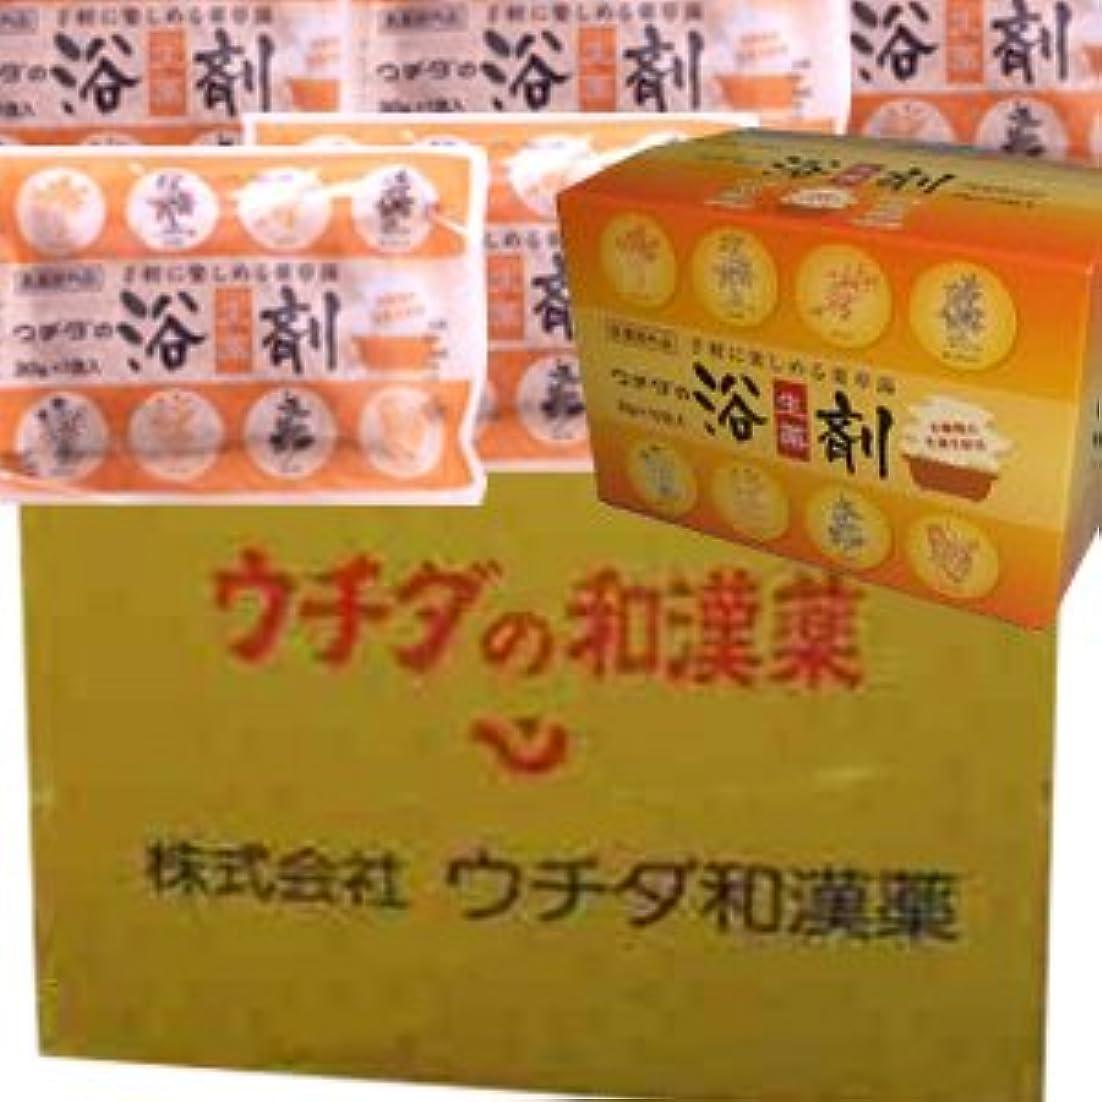 韻脱臼するウェブ【12個1ケース】 ウチダの浴剤 30g×10袋入×12個+6袋 (4987359400025)